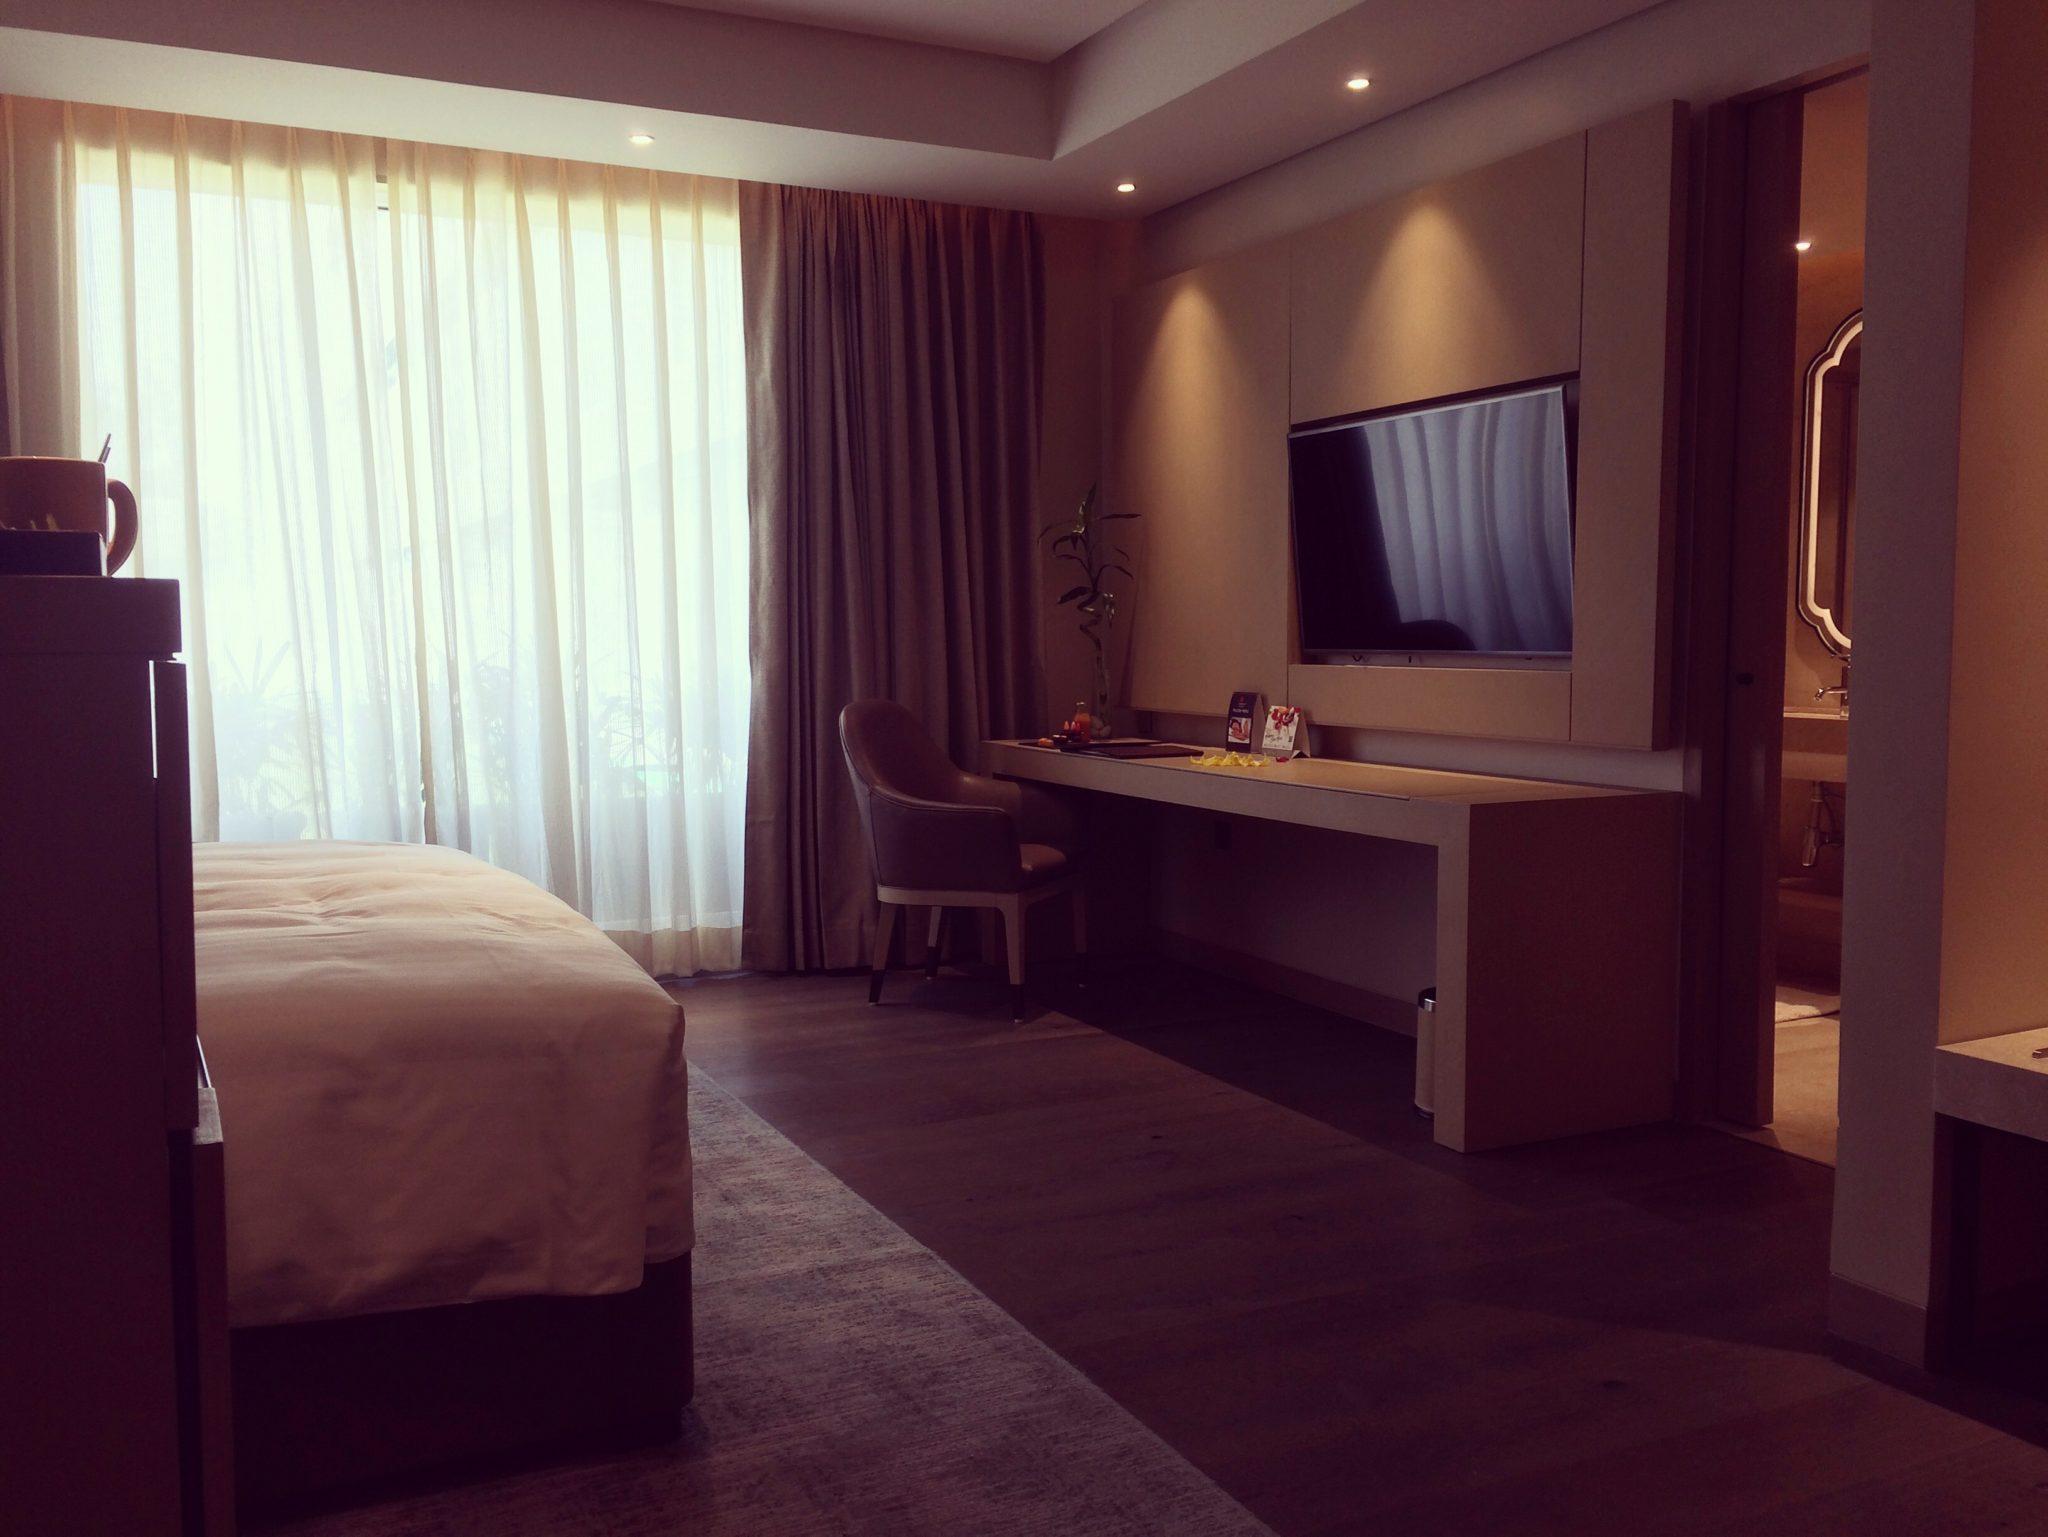 Marriott Junior Suite 1101